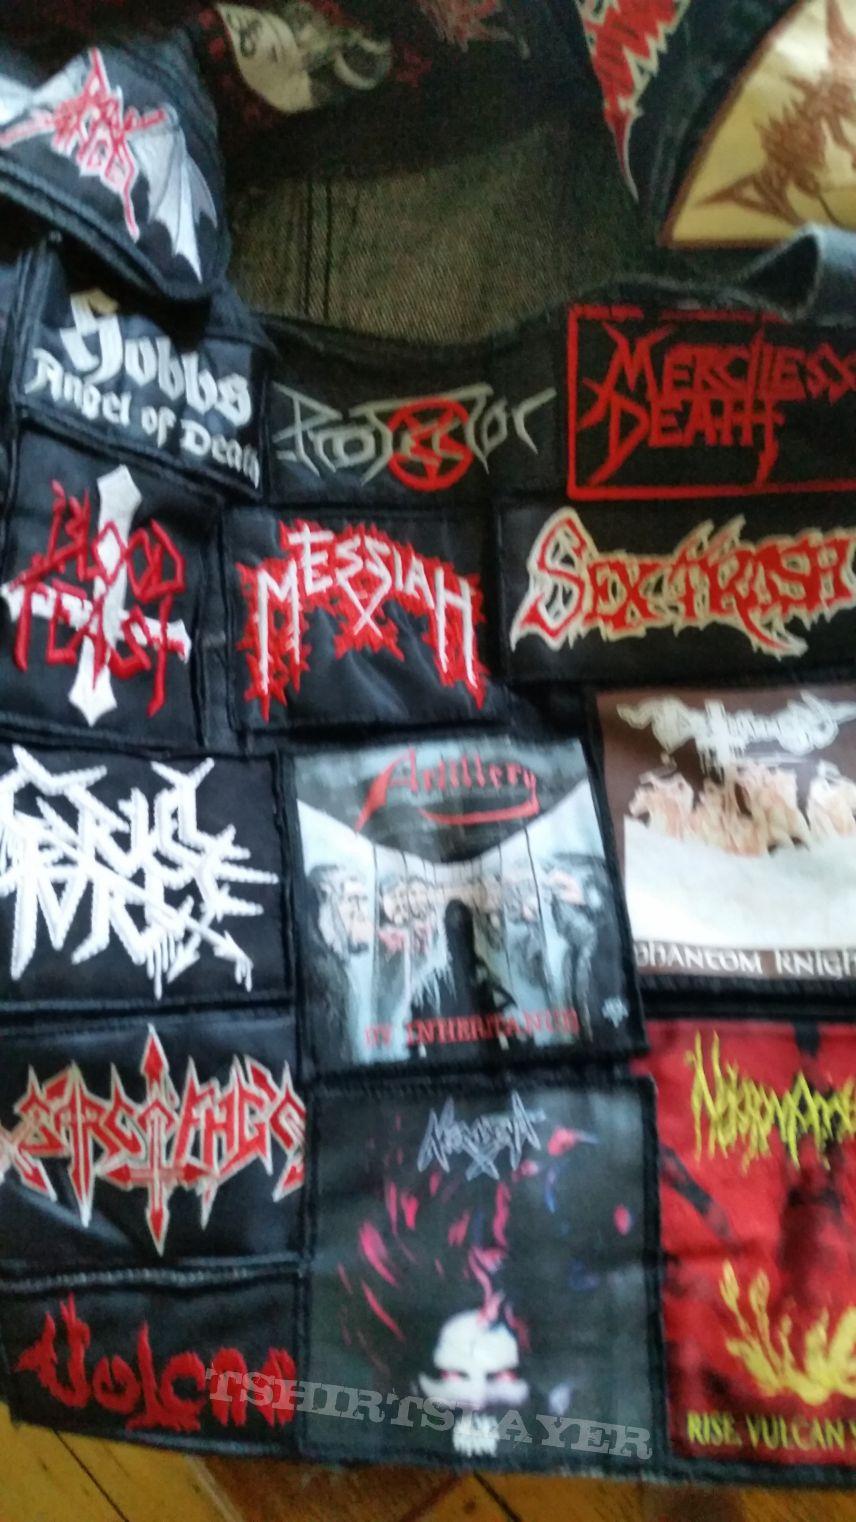 Thrash metal jacket